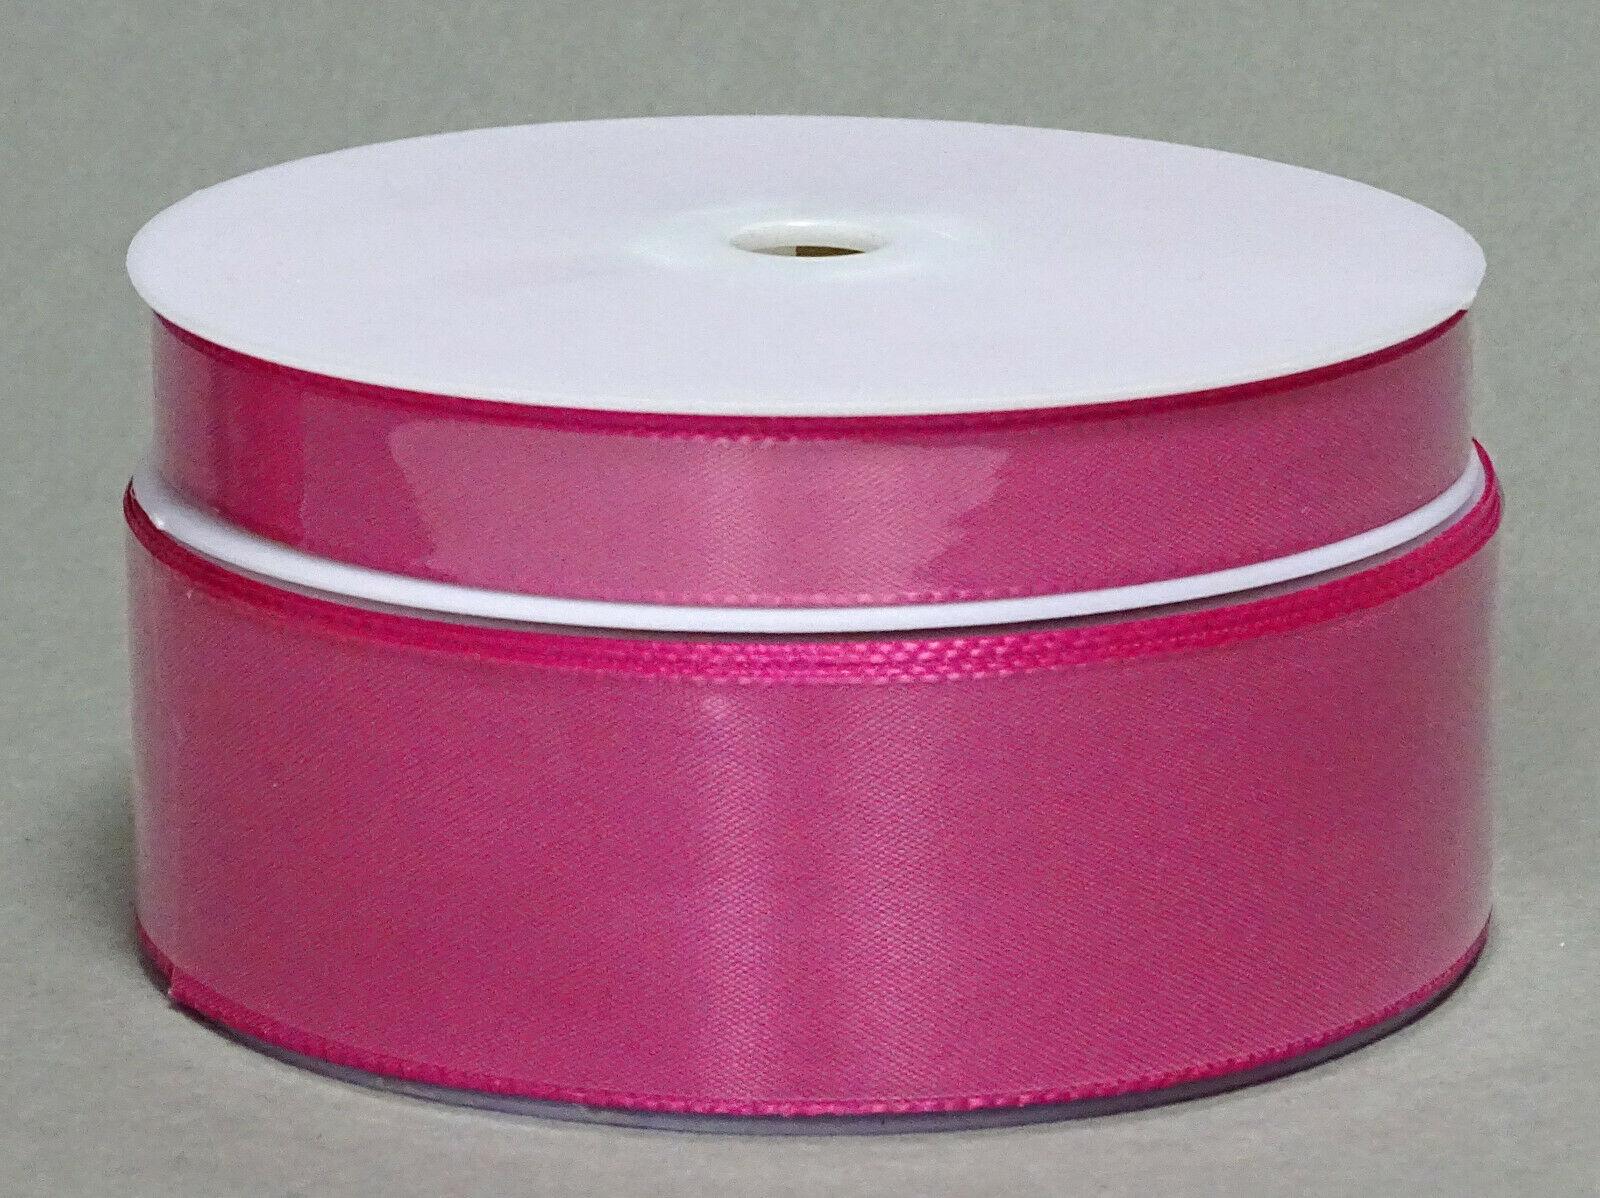 Seidenband Schleifenband 50 m x 15 / 25 / 40mm Dekoband ab 0,08€/m Geschenkband  - Pink 138, 25 mm x 50 m